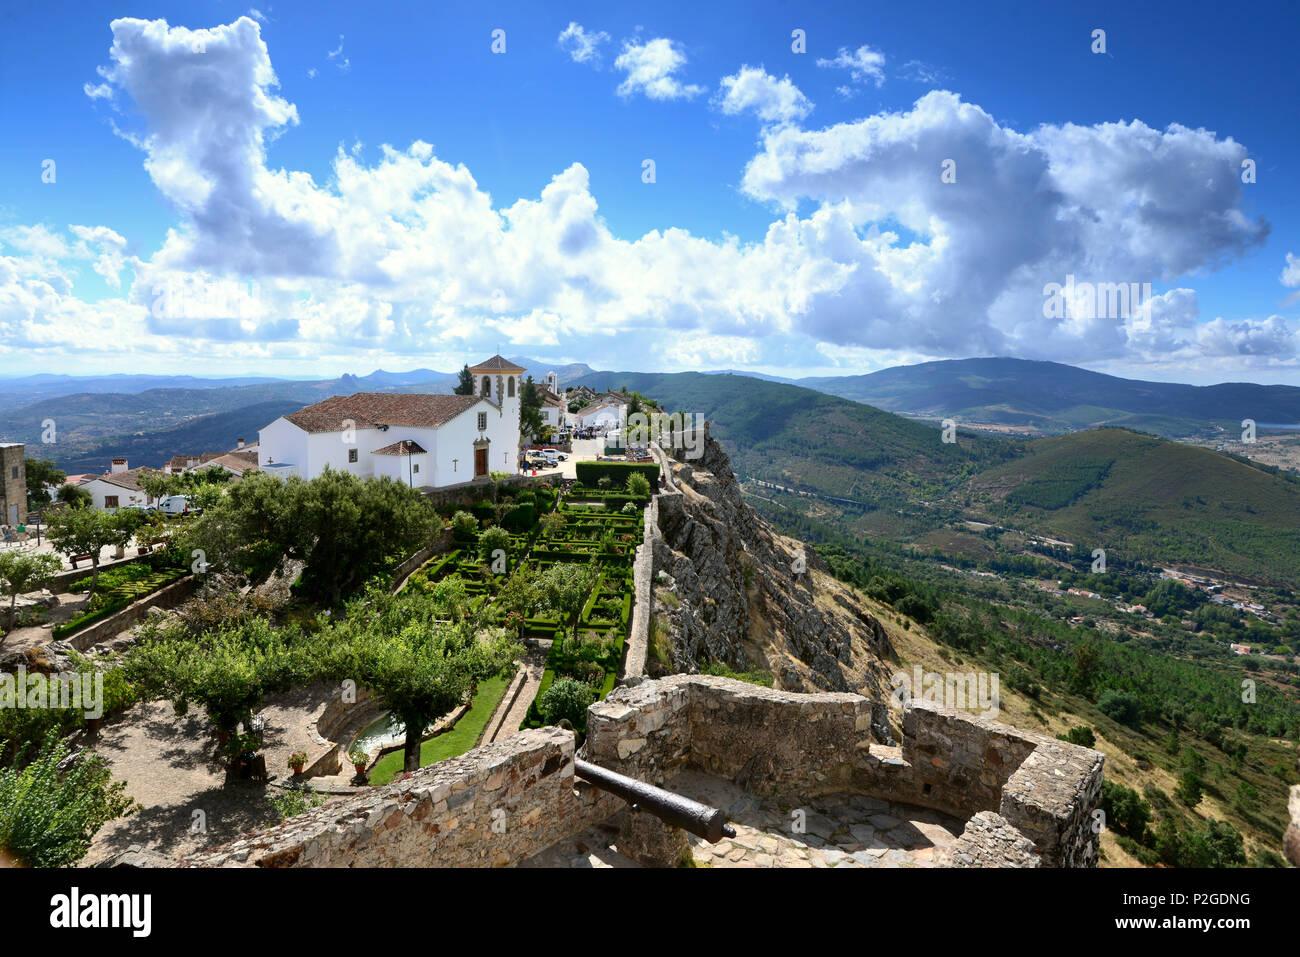 Blick von der Burg, Marvao, Serra de Sao Mamede, Alentejo, Portugal - Stock Image